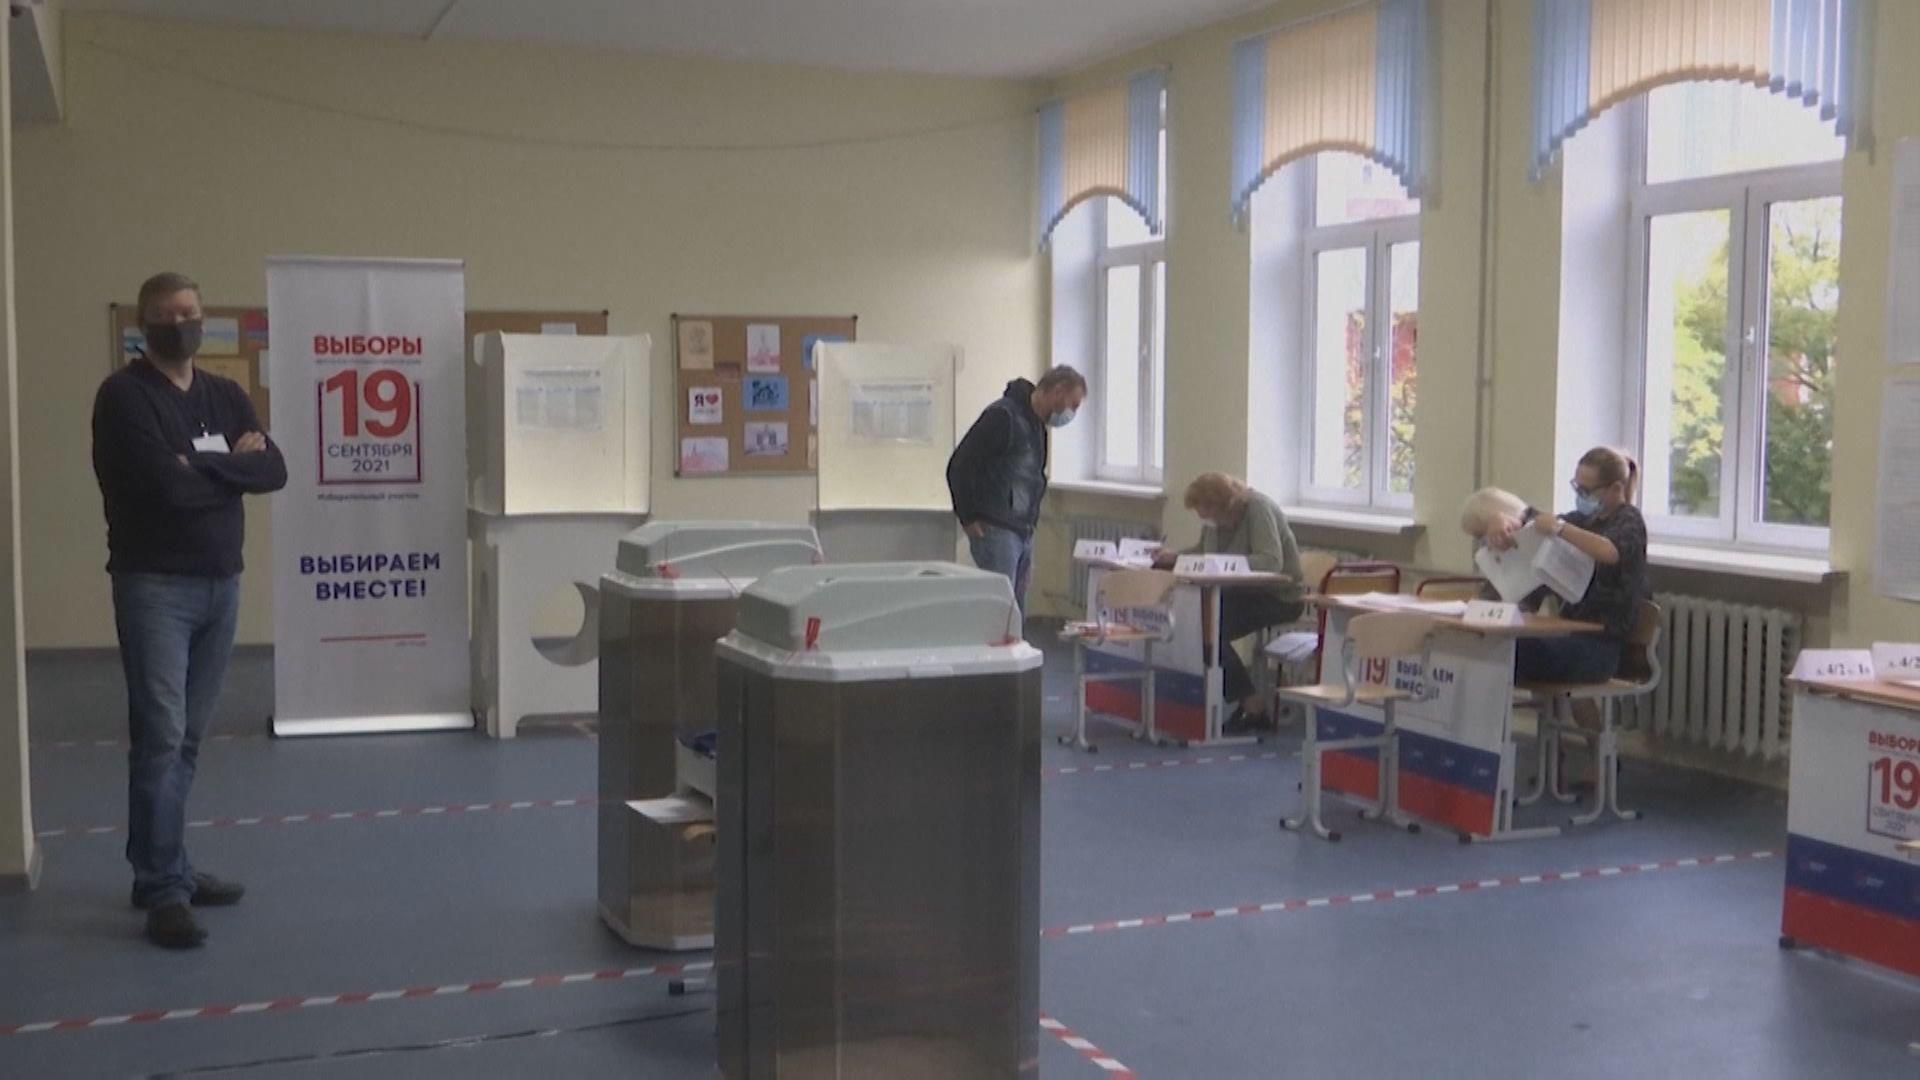 俄羅斯國家杜馬選舉 反對派投票建議影片遭下架